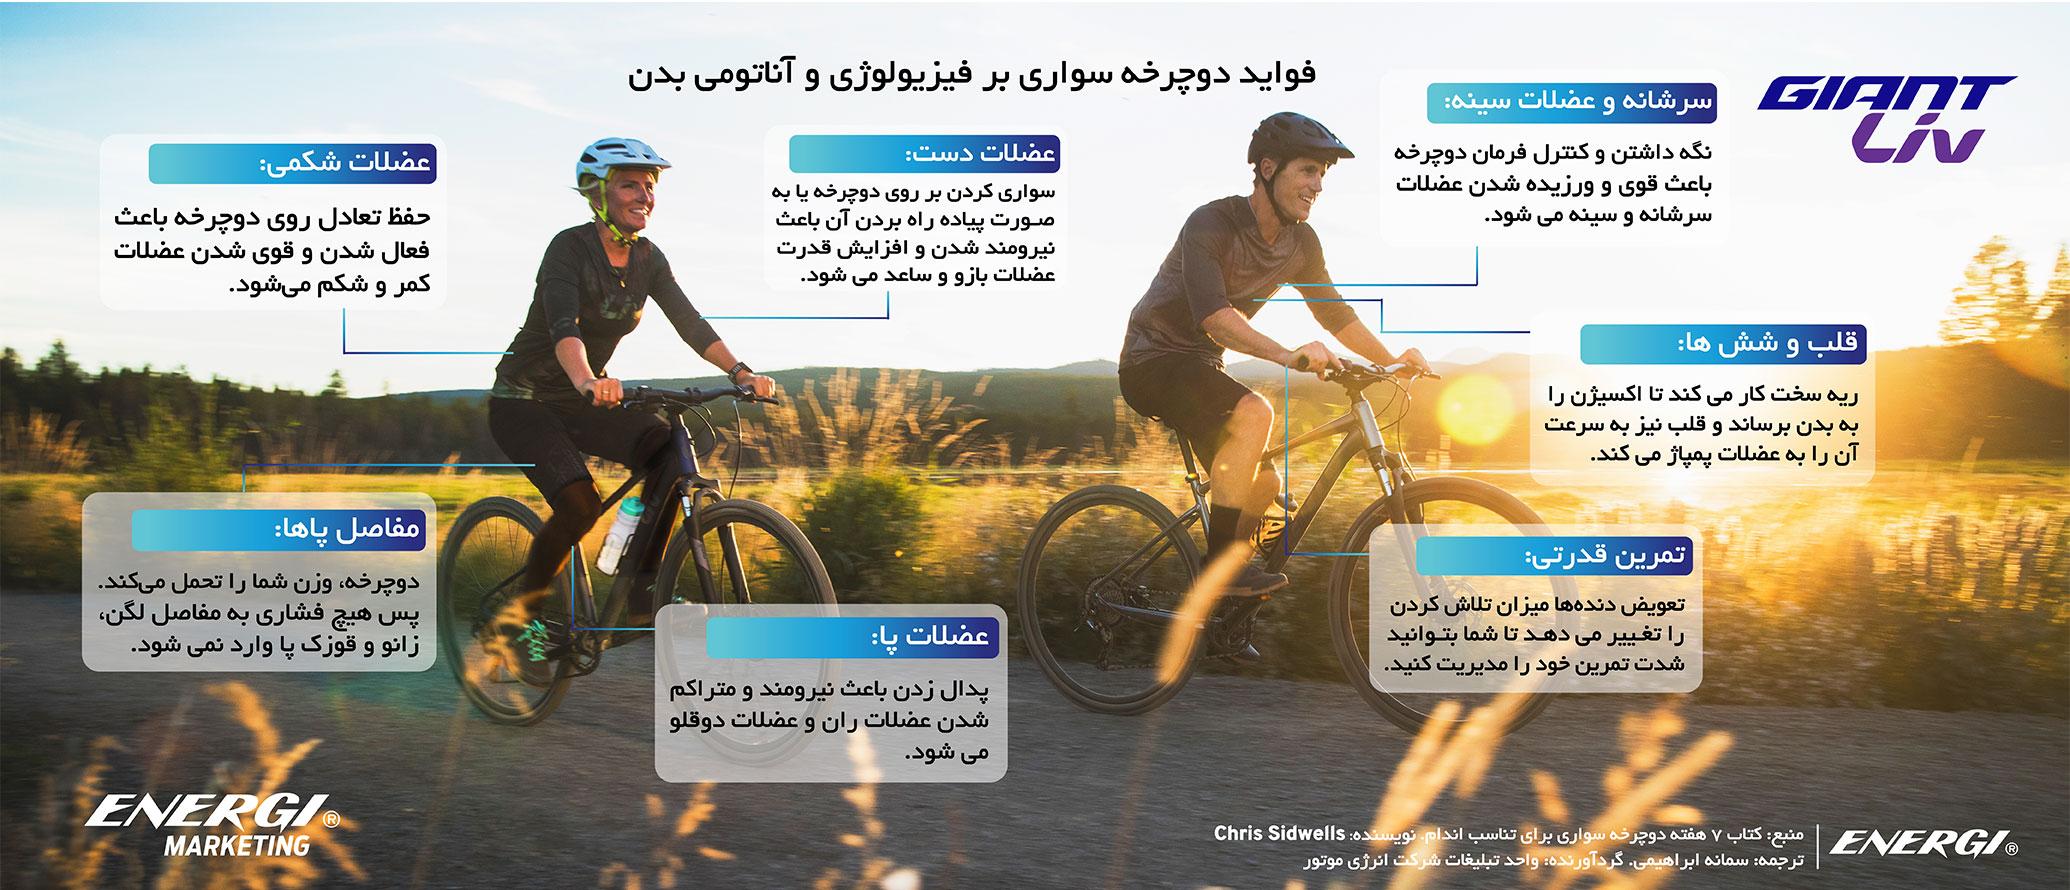 فواید دوچرخه سواری بر فیزیولوژی و آناتومی بدن